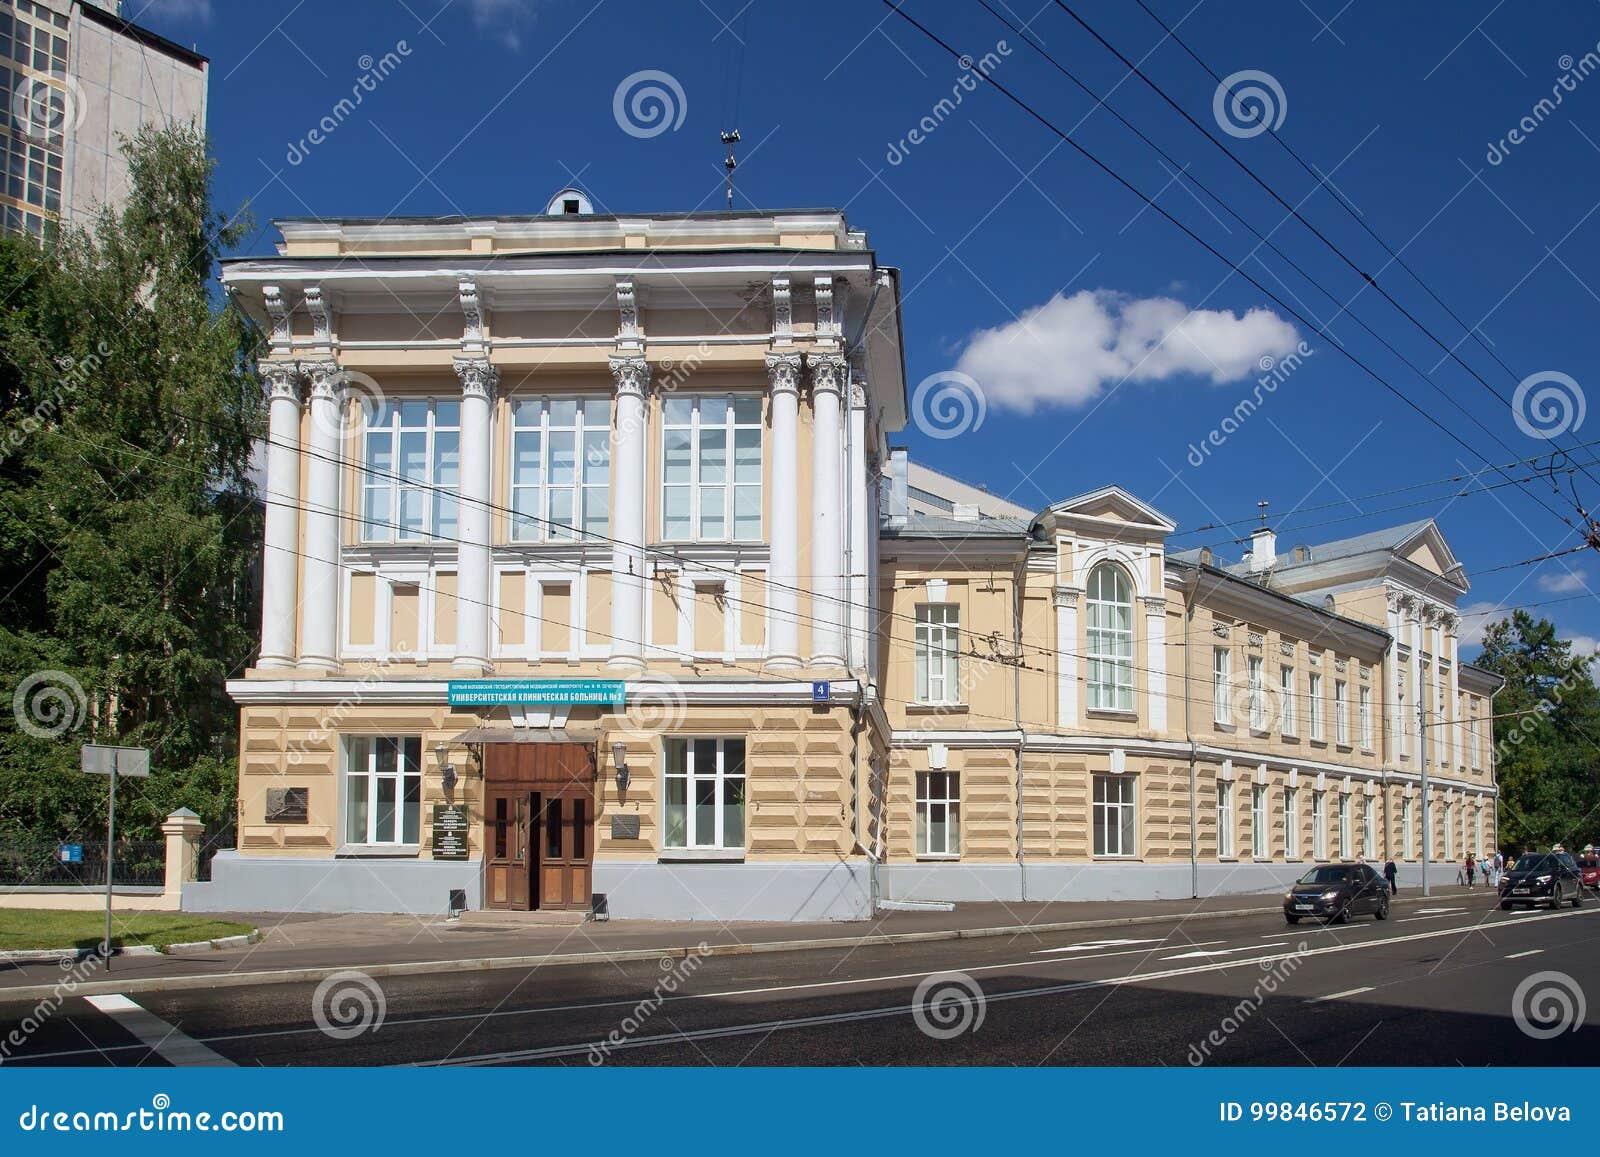 Clinical Hospital of Sechenov. University Hospital. Sechenova